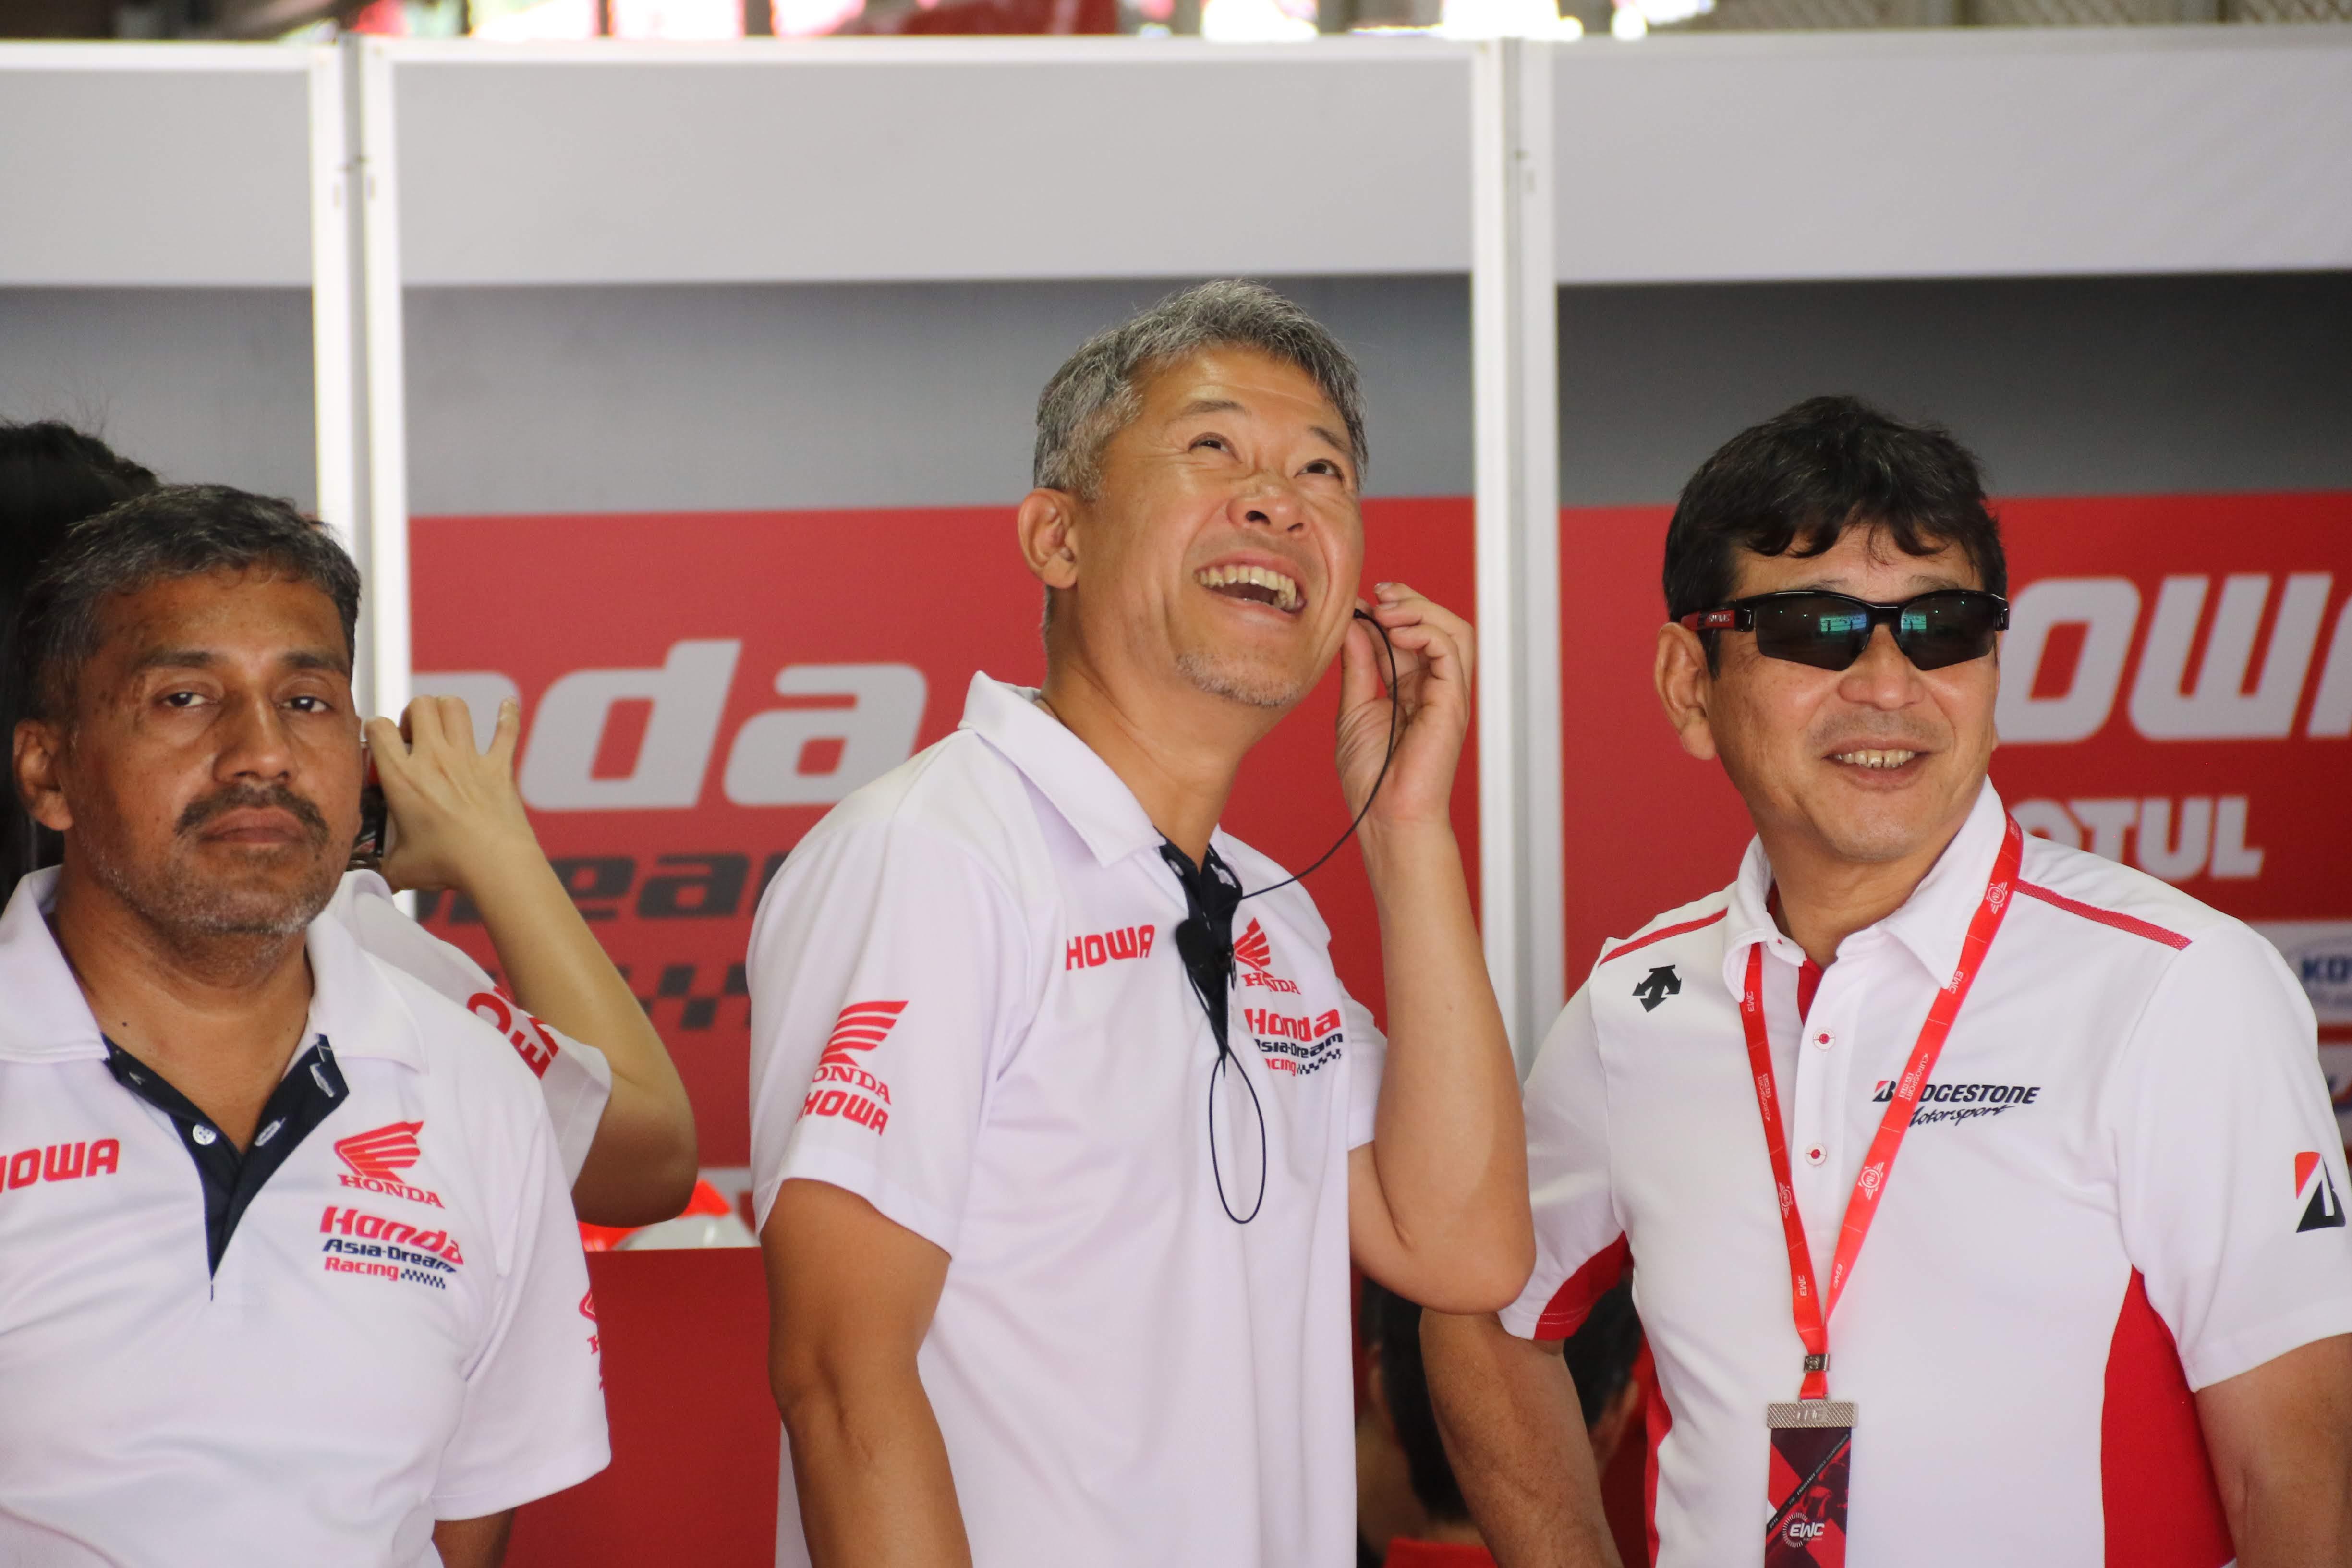 鈴鹿8耐に参戦するHonda Asia-Dream Racing with SHOWA ライダーより監督の方がプレッシャー大きい!